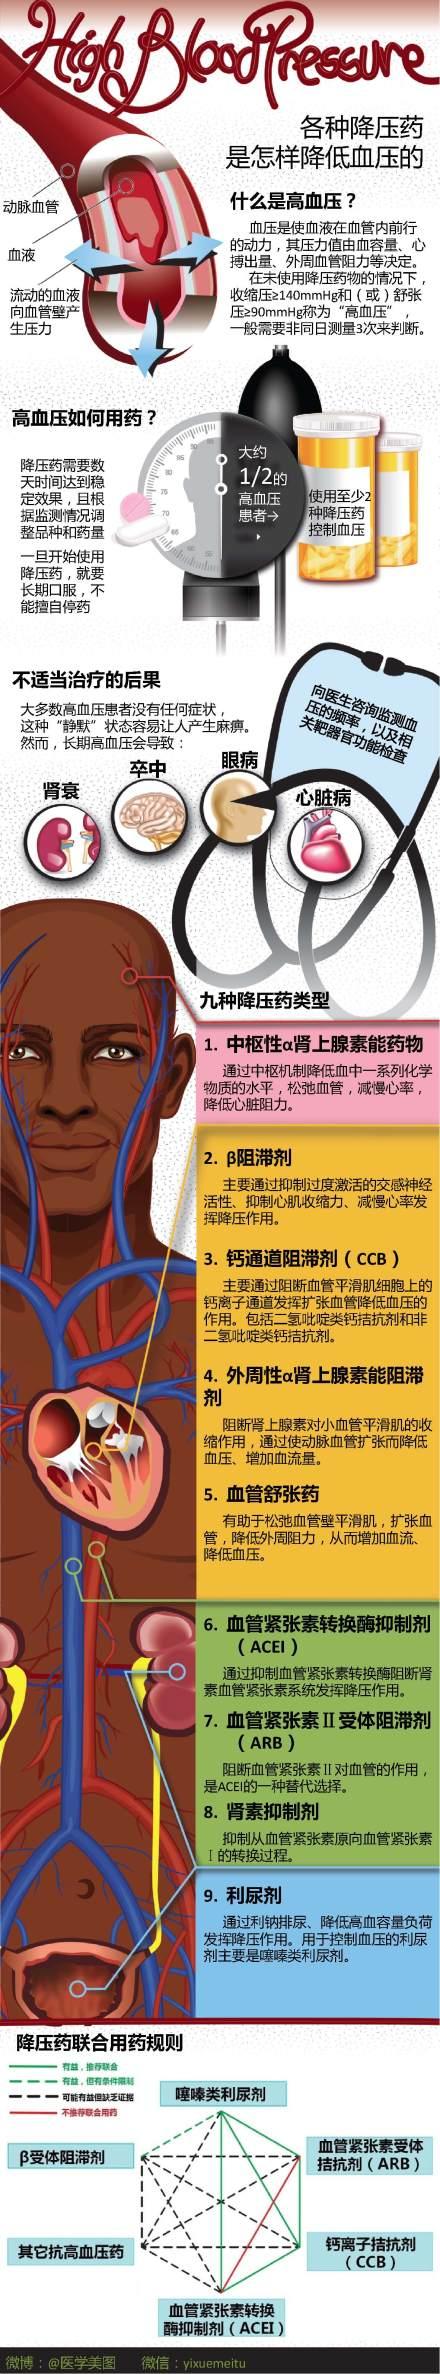 降压药的分类及联合应用